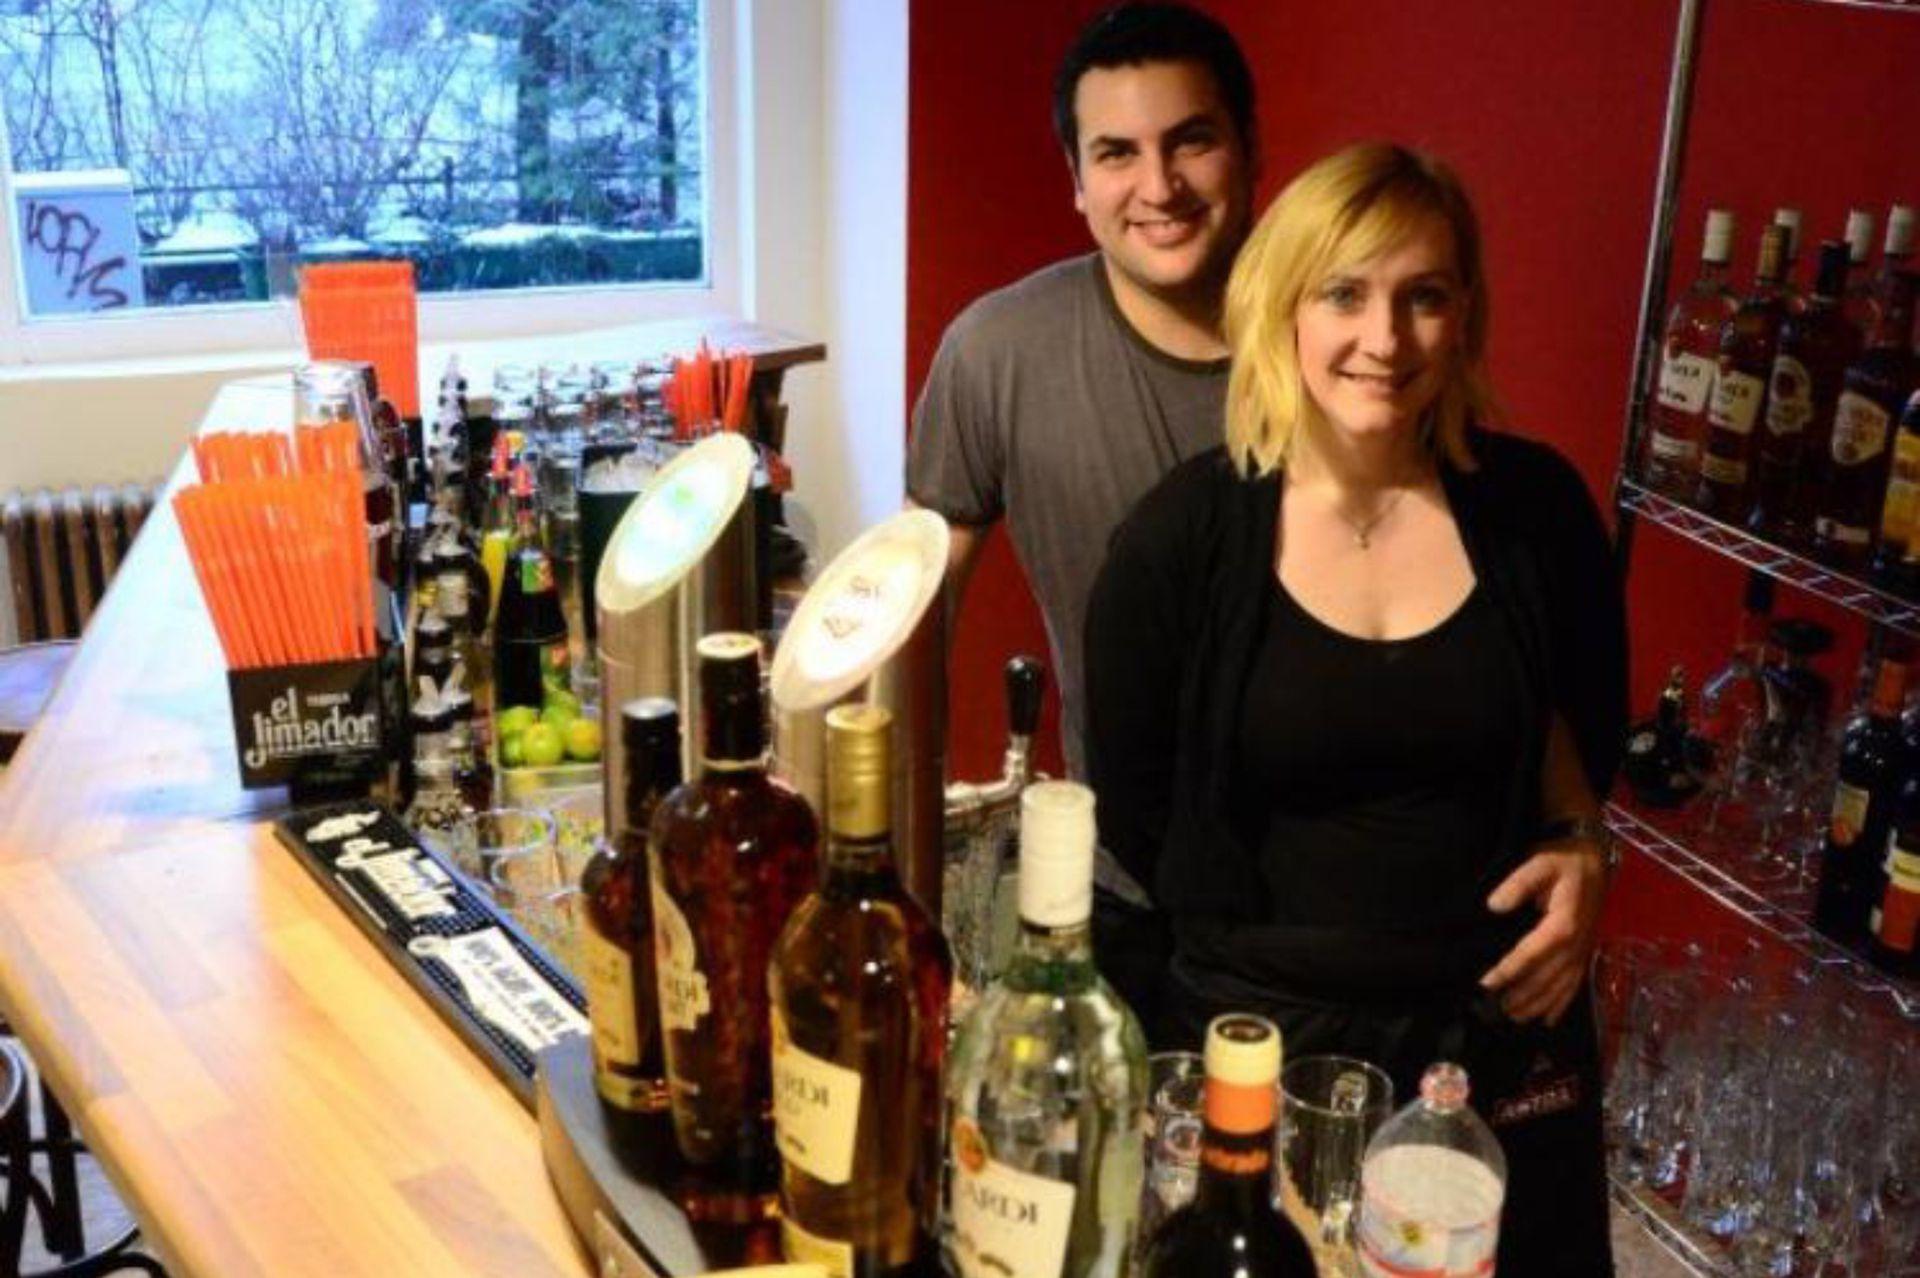 Orgulloso de su negocio en Berlín: Sugar tapas bar una vez inaugurado en el 2013.